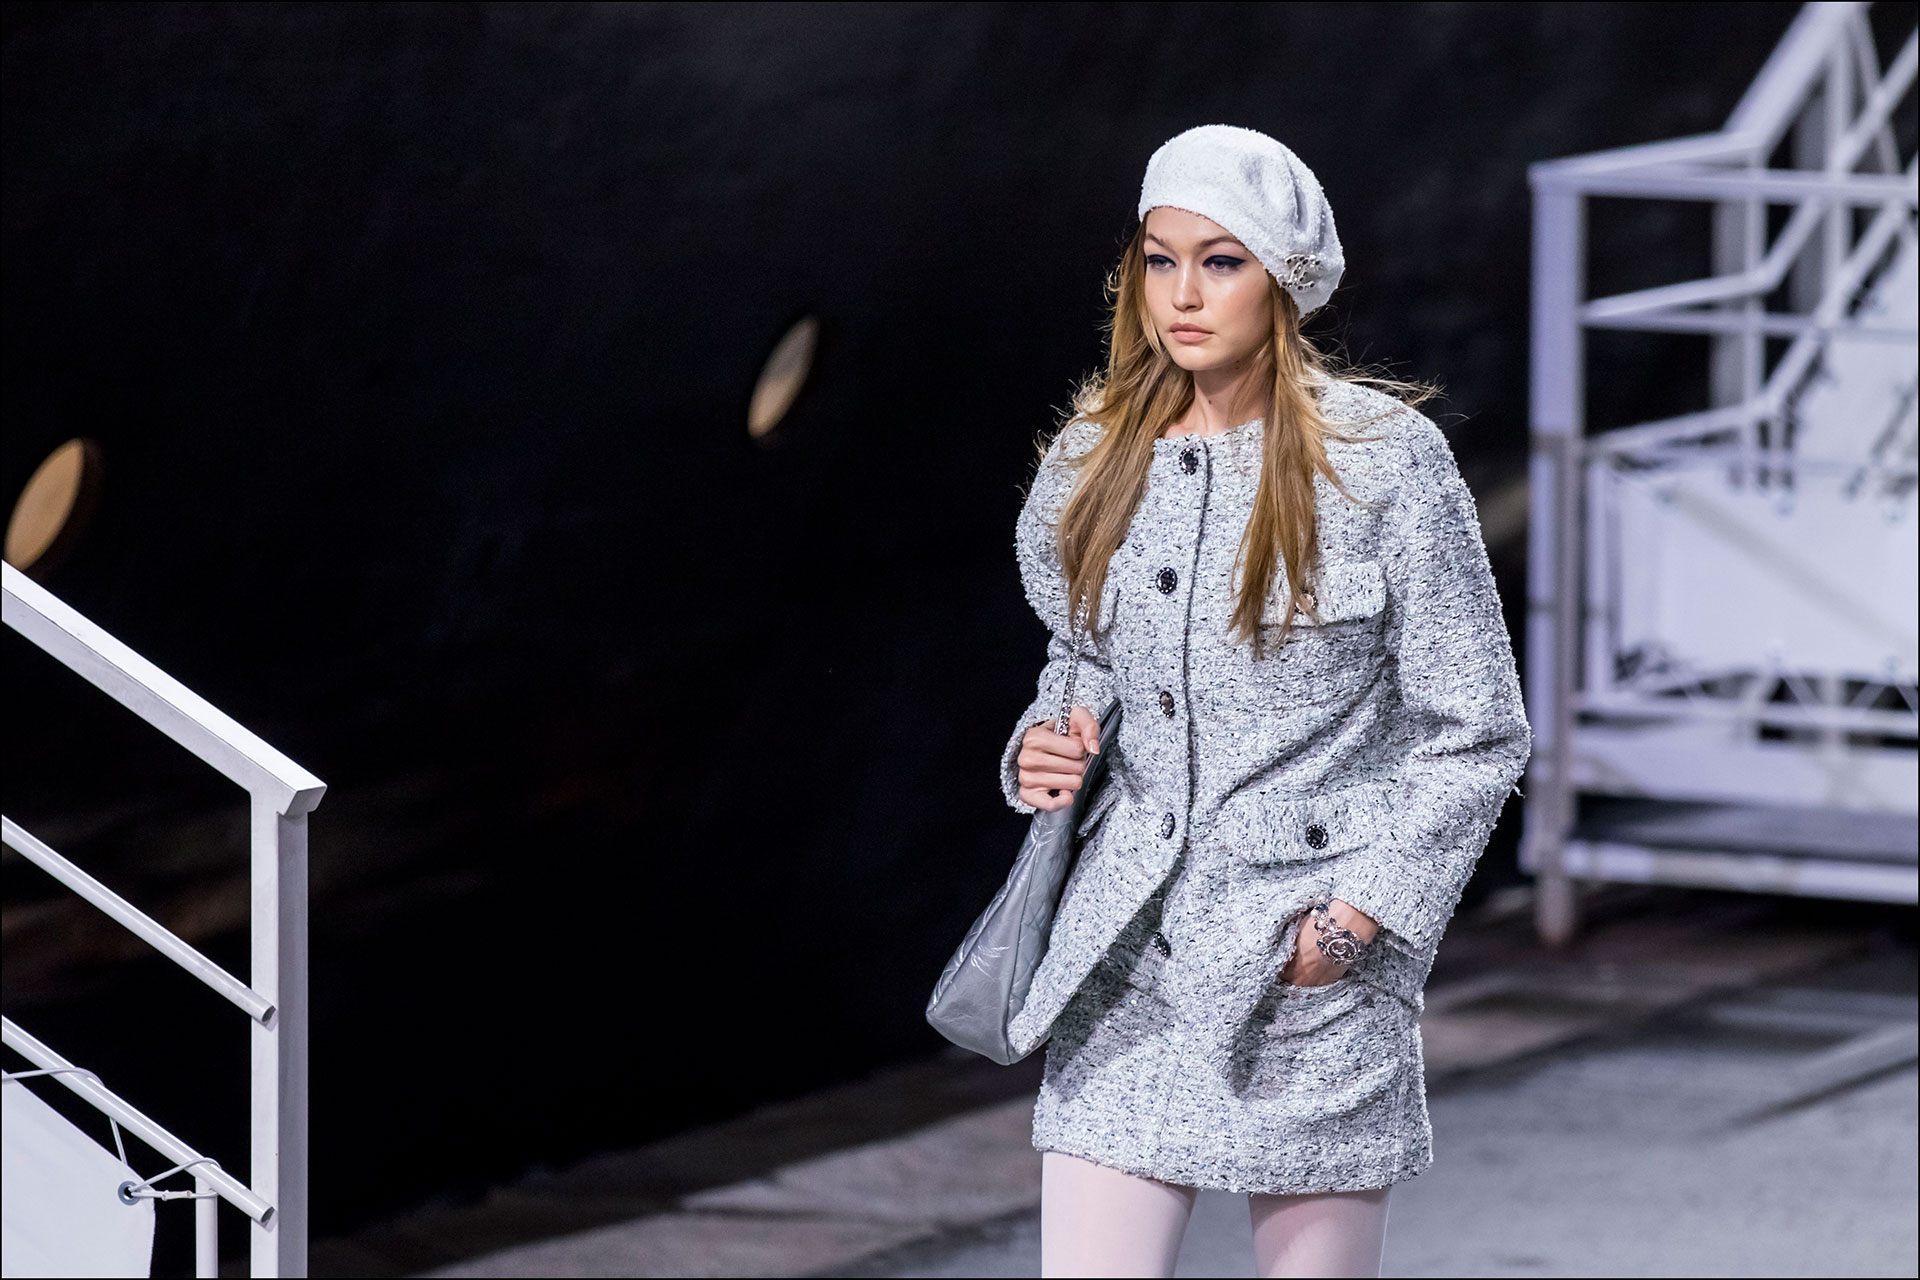 Entre las modelos que participaron del desfiles estuvieron las hermanas Bella y Gigi Hadid. En la foto, Gigi con un conjunto de falda y chaqueta en tono gris. FOTONOTICIAS